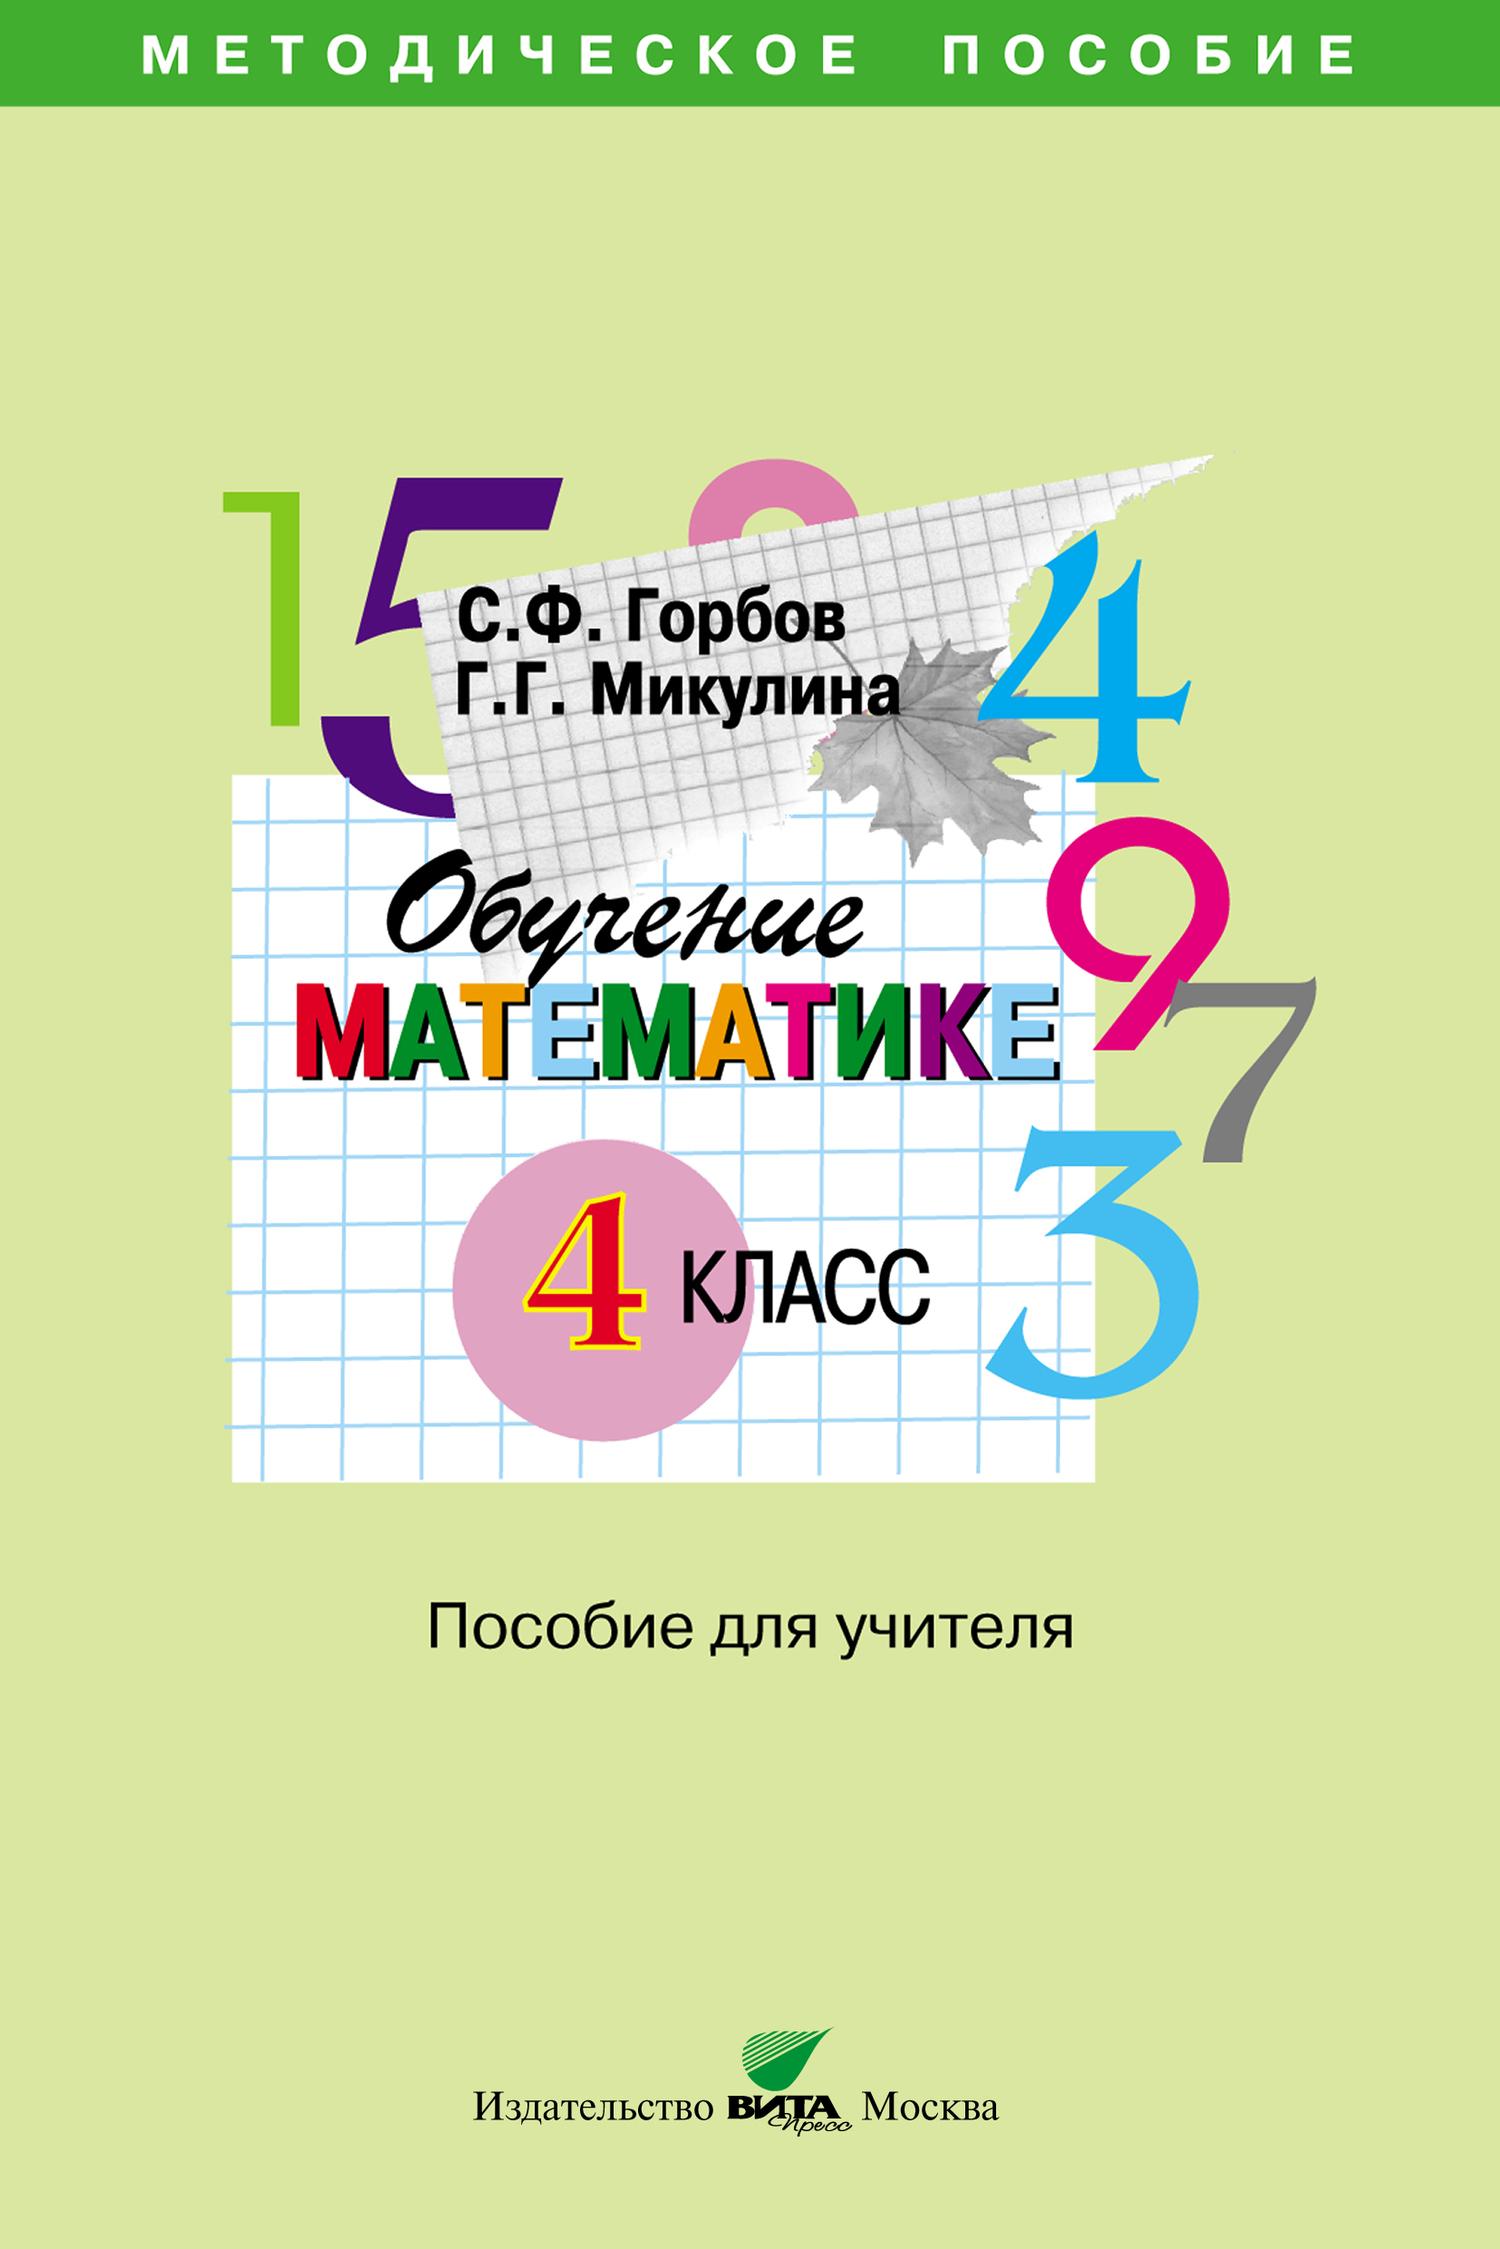 С. Ф. Горбов. Обучение математике. 4 класс. Пособие для учителя начальной школы